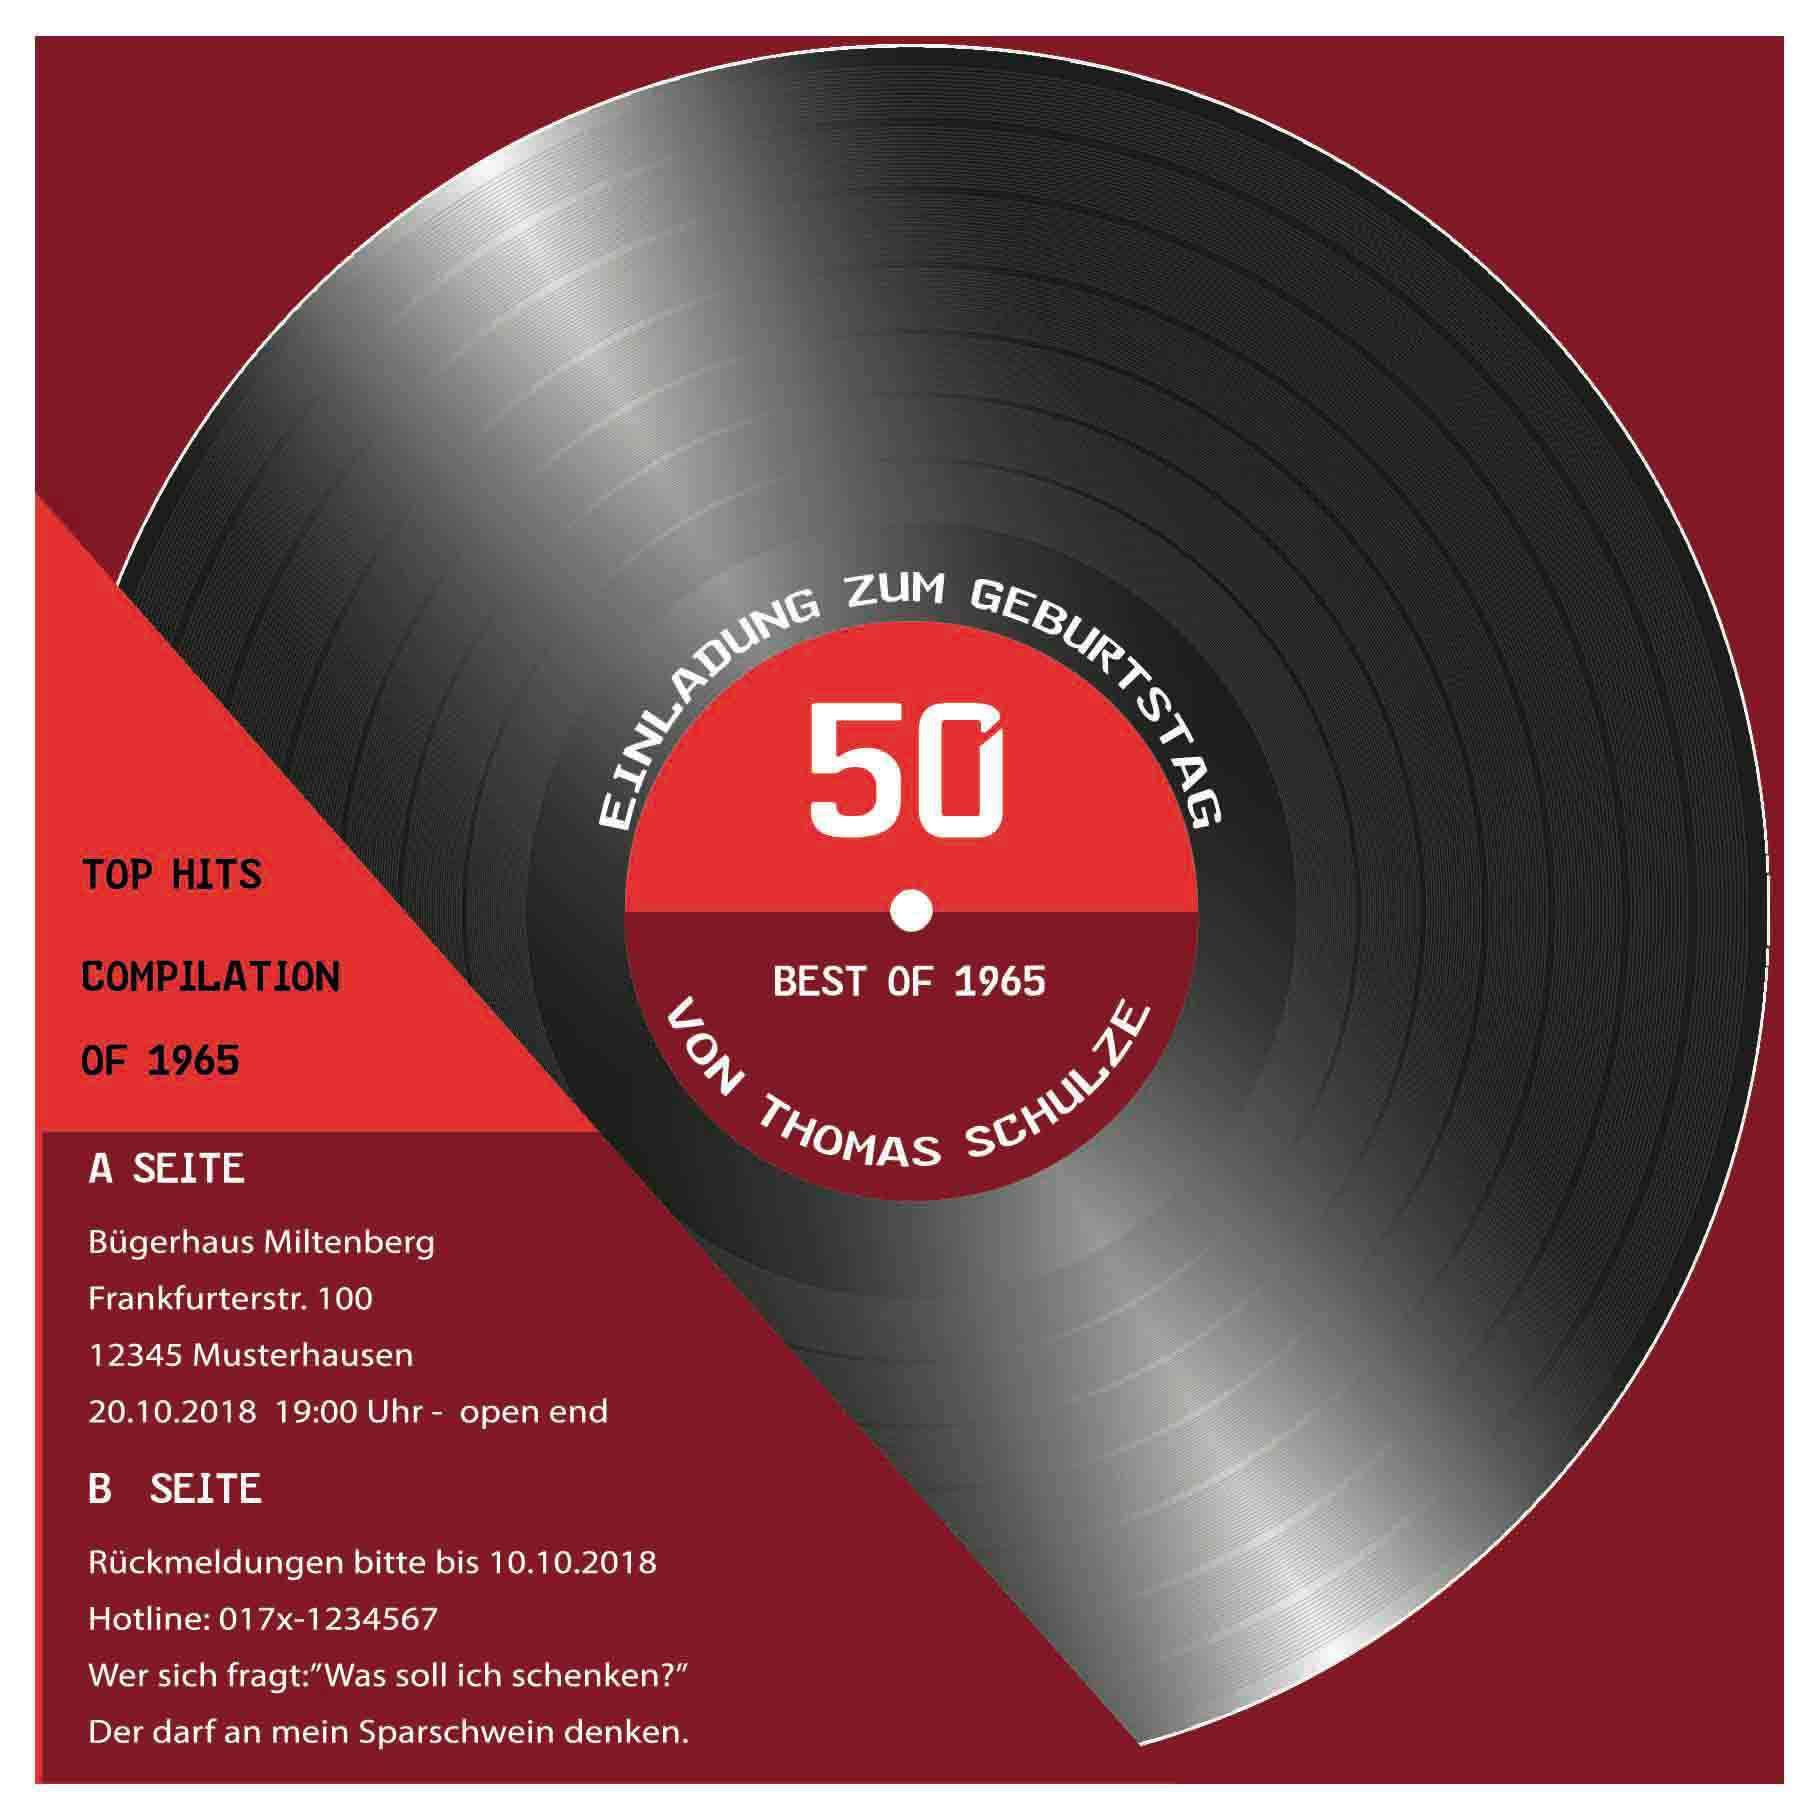 Einladung Geburtstag Einladungen 50 Geburtstag Geburstag